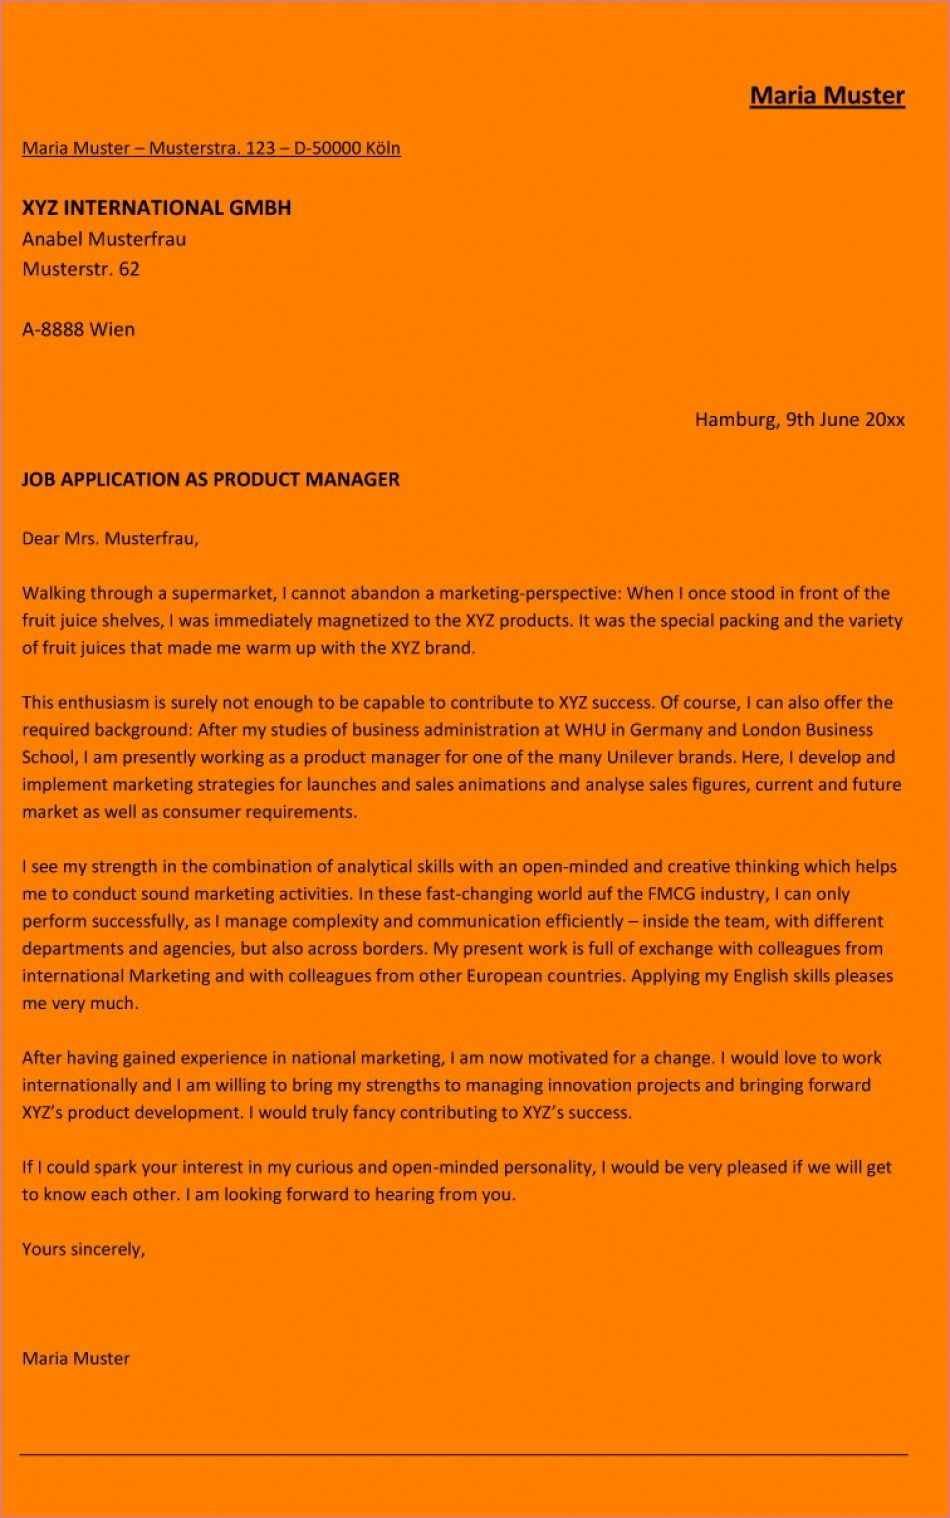 11 Unterhaltsam Azubiyo Lebenslauf Collection Lebenslauf Bewerbung Lebenslauf Kreativer Lebenslauf